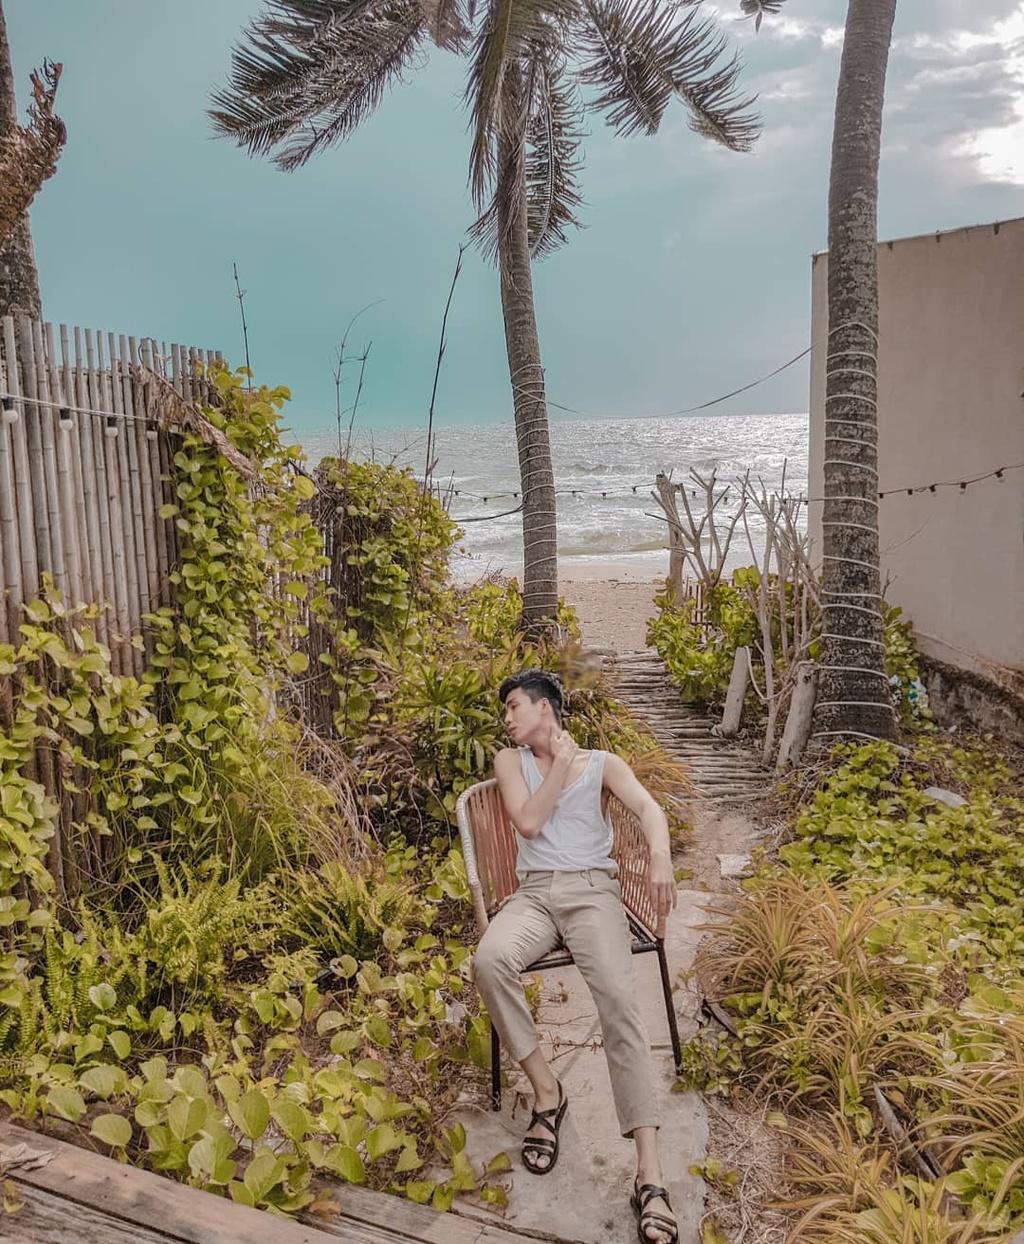 Chill het nac tai 4 diem ca phe view bien tuyet dep o Phu Quoc hinh anh 7  - athie98_ - Chill hết nấc tại 4 điểm cà phê view biển tuyệt đẹp ở Phú Quốc